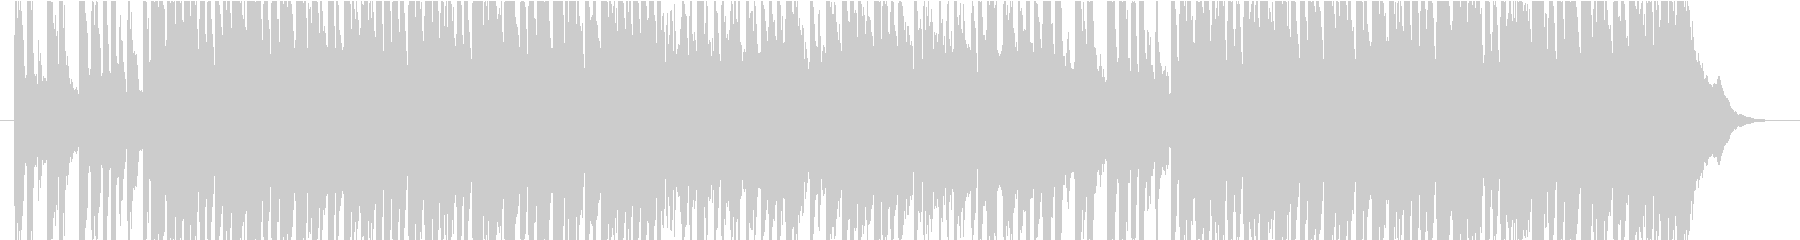 弦楽器・管楽器の軽快な可愛いPOPSの未再生の波形